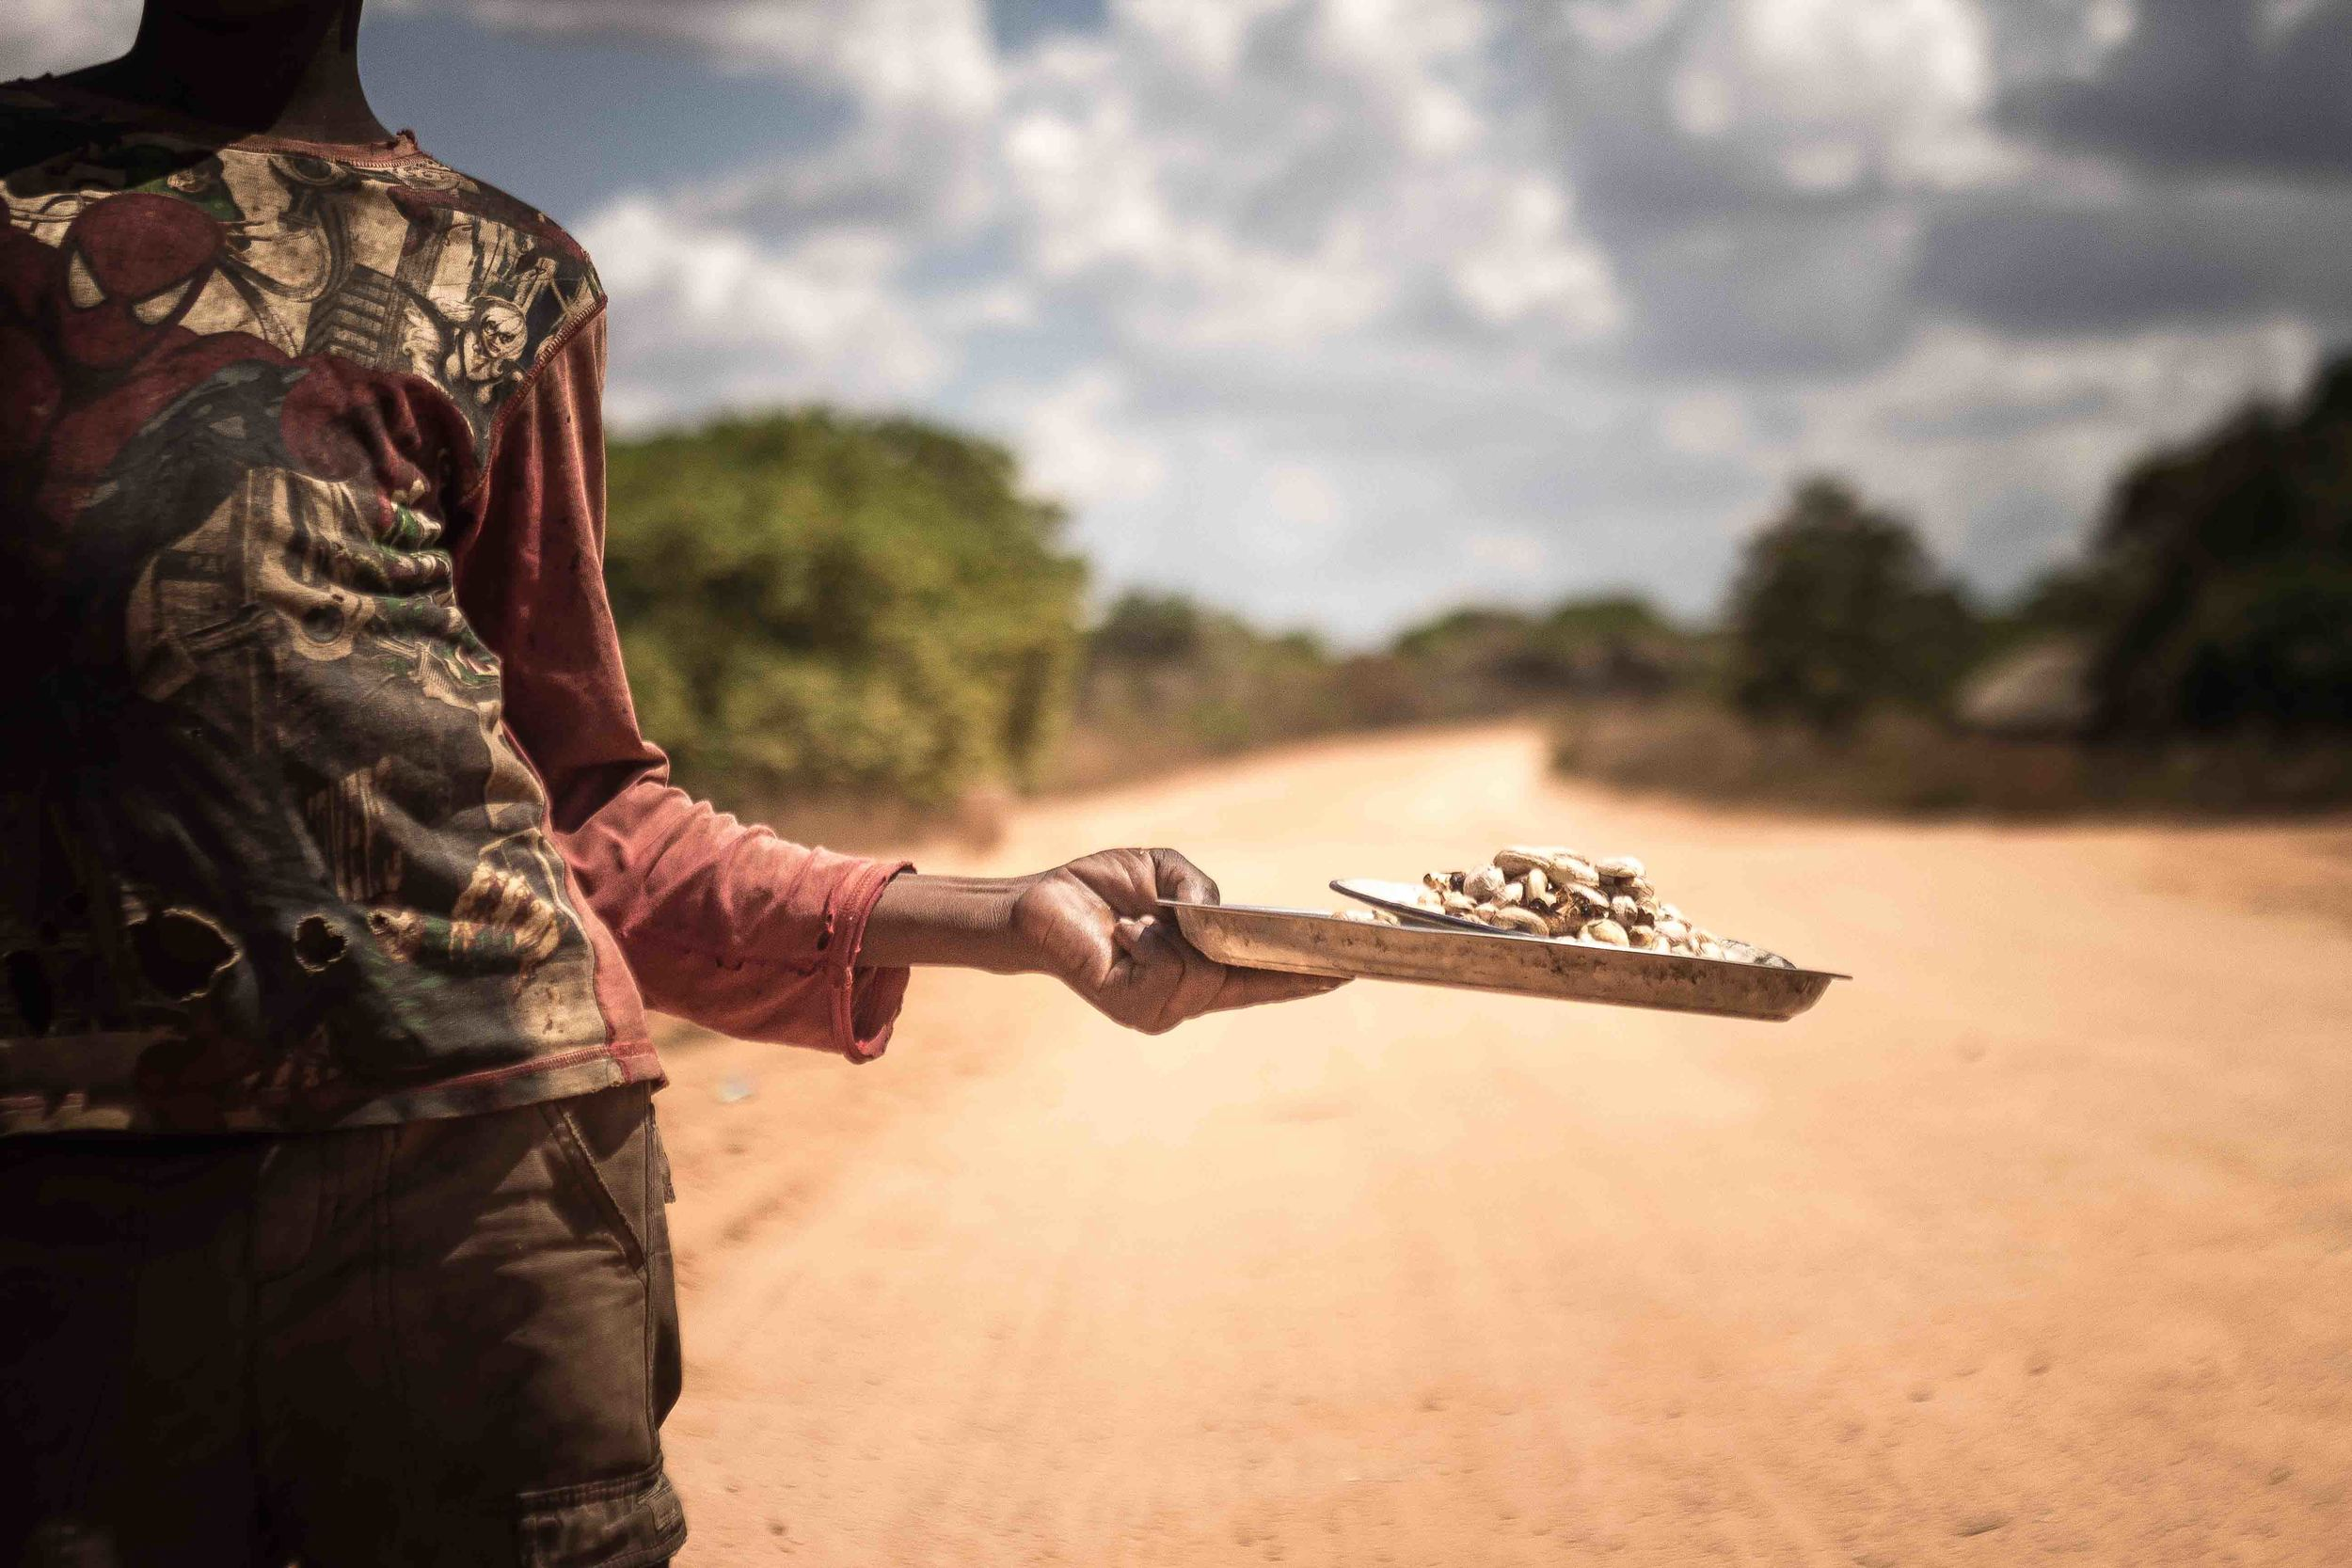 Mogovolas district, Nampula   province  – Along a major road, a youth sells cashew nuts that have been processed in the traditional manner |  Um jovem que processa a castanha de caju tradicionalmente e vende ao longo da estrada